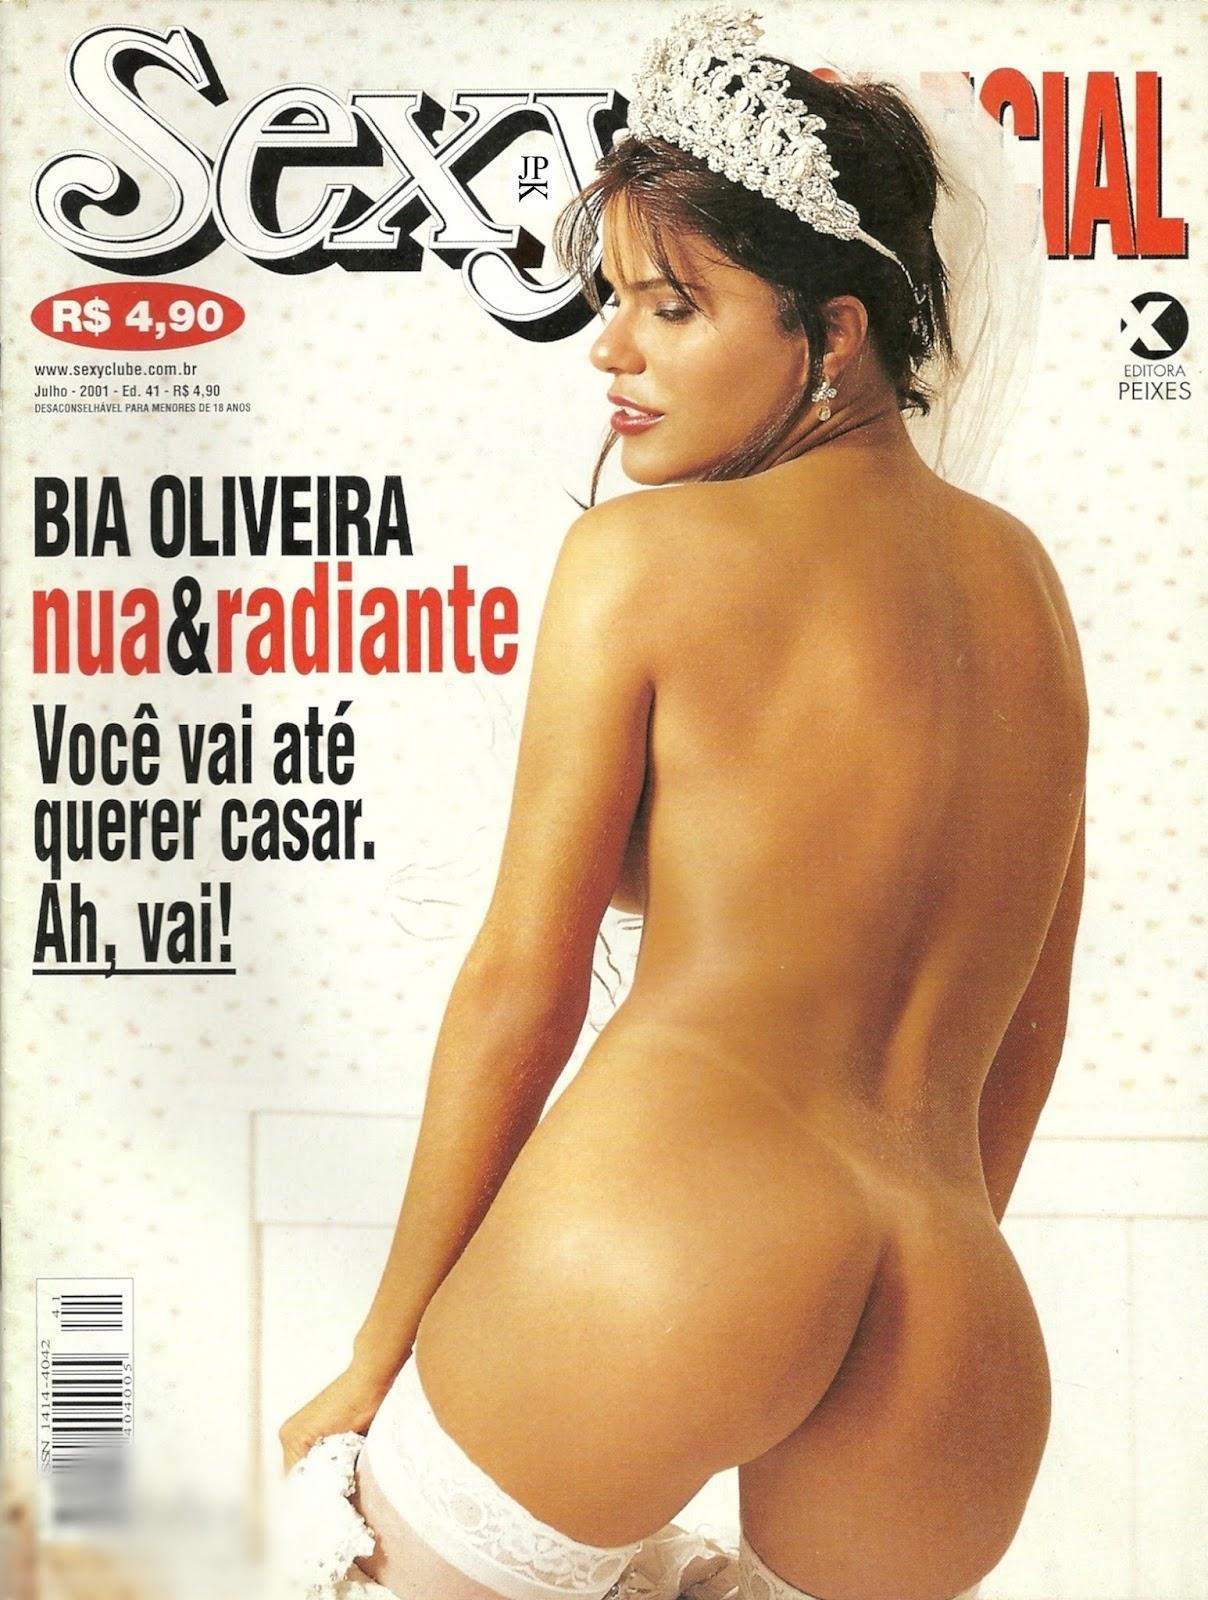 Bia Oliveira nua na antiga e reliquia revista da Sexy